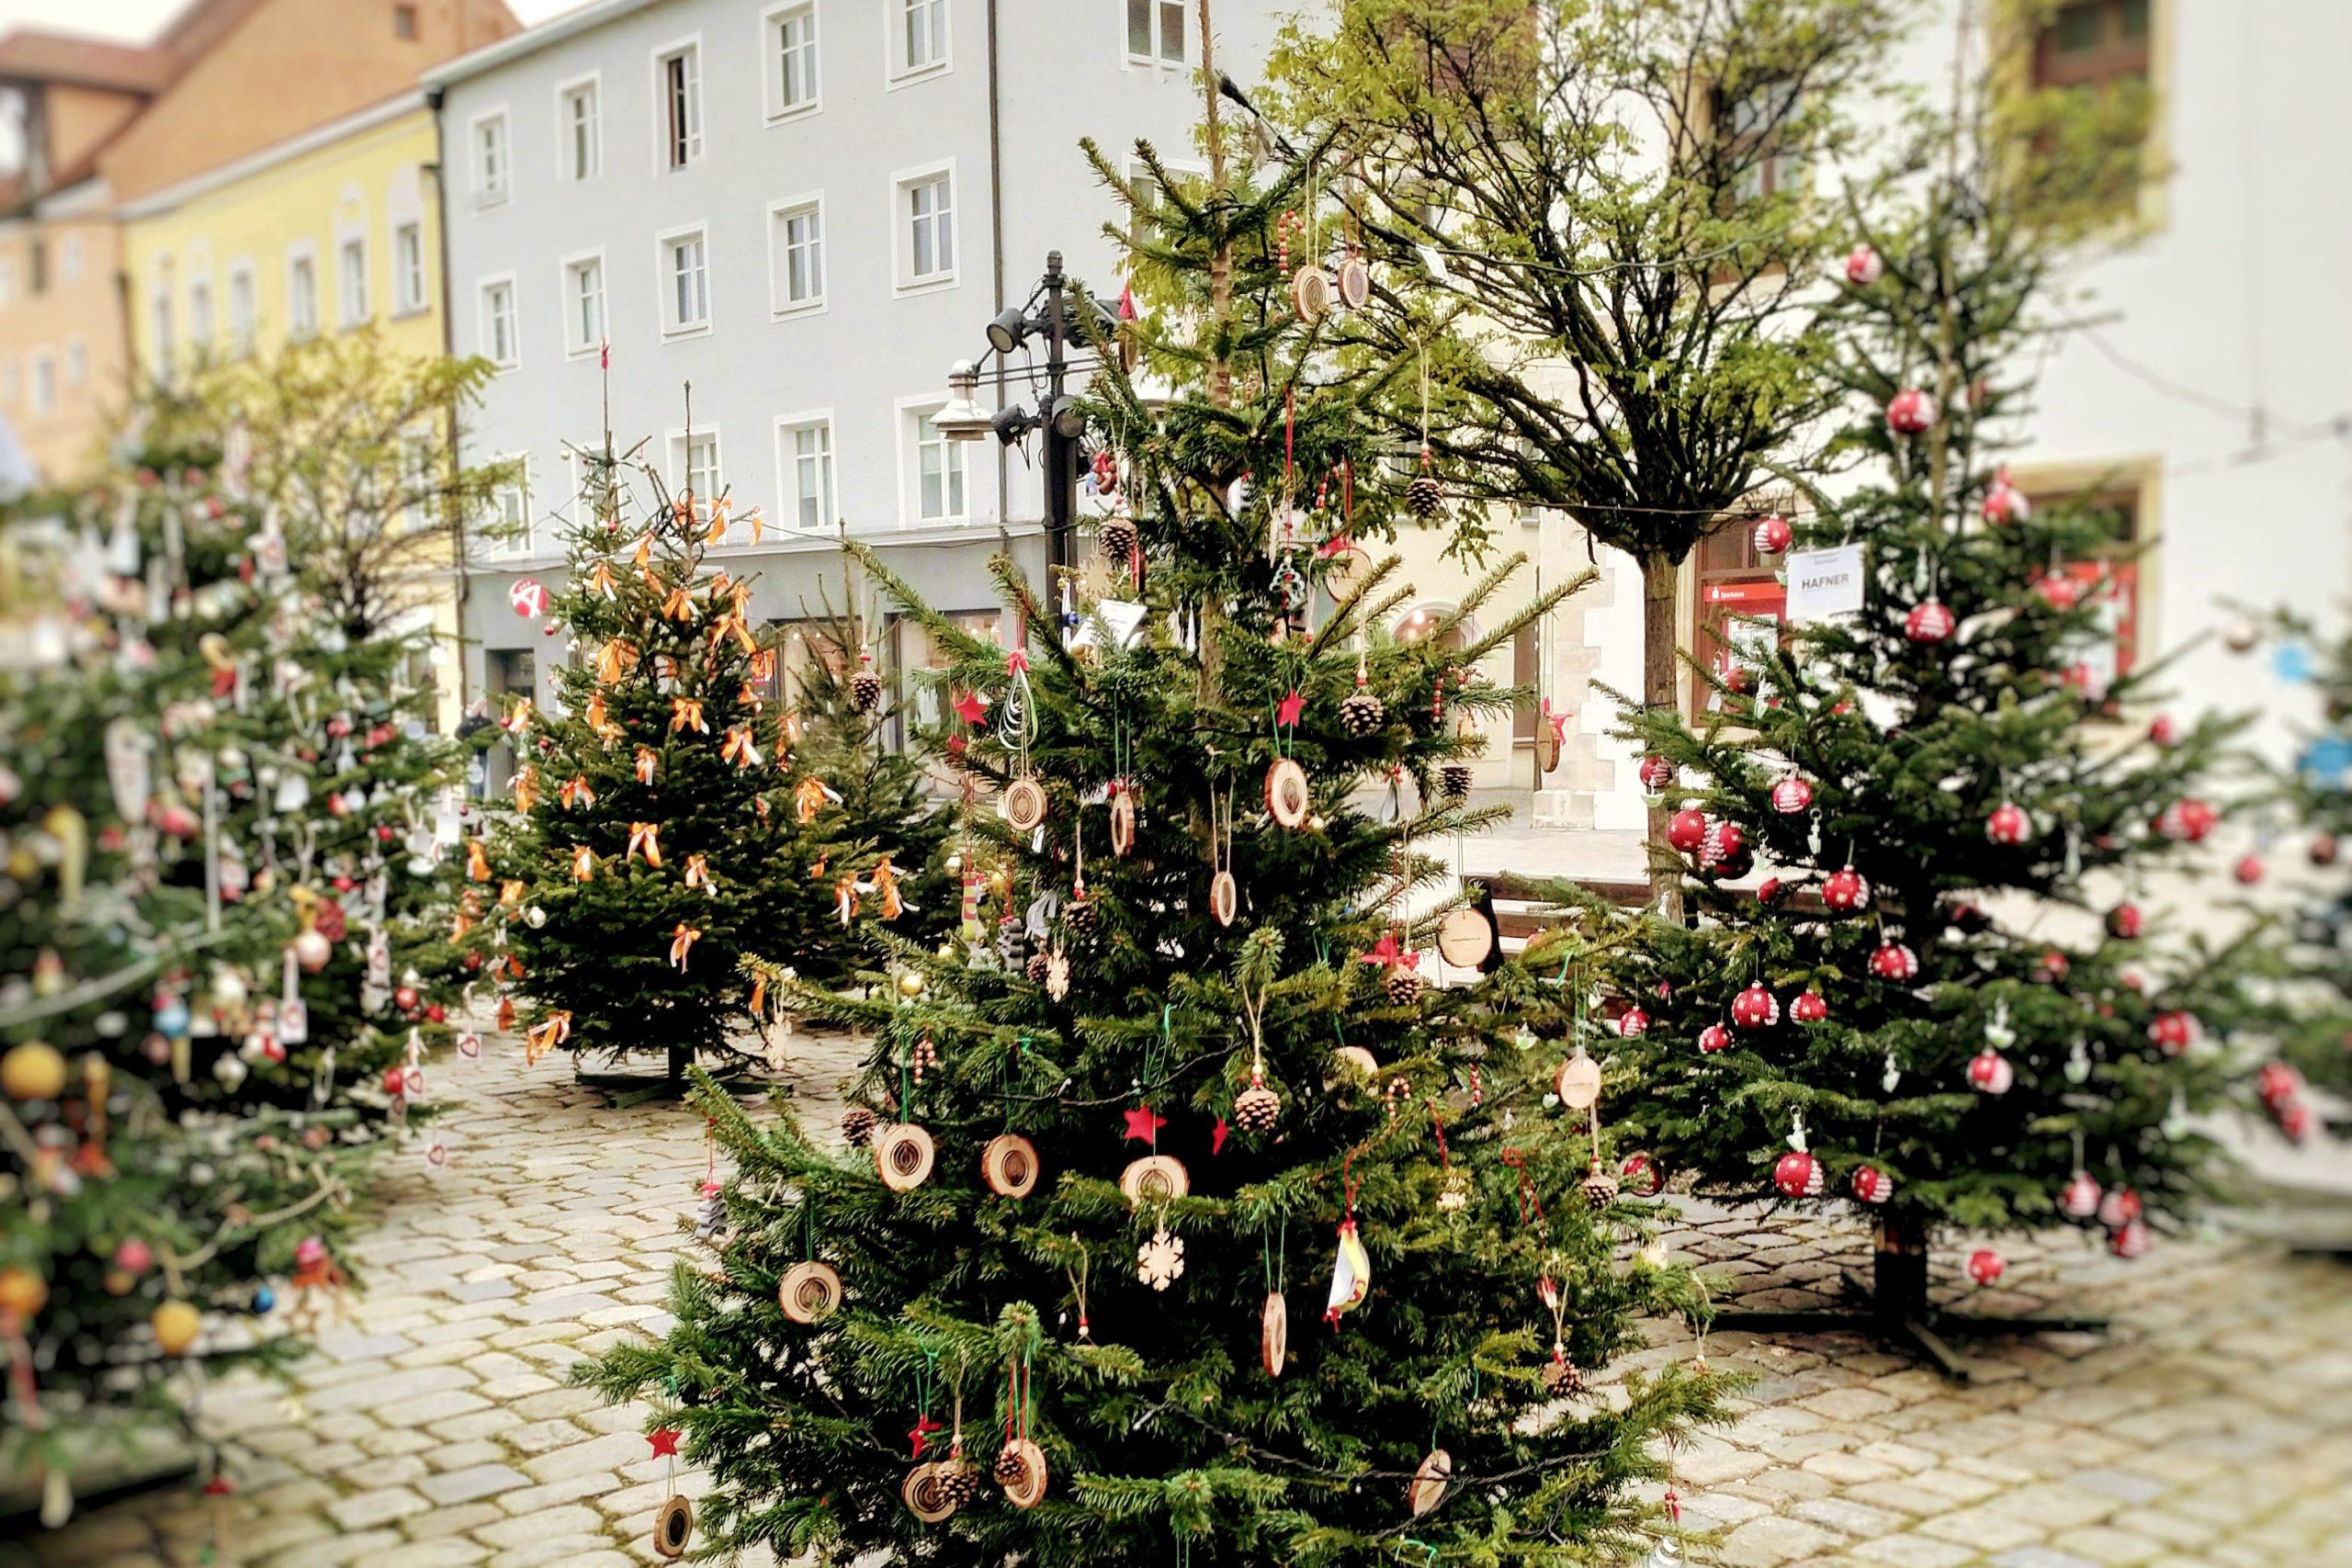 C.A.R.M.E.N. e.V. läutet die Weihnachtssaison ein